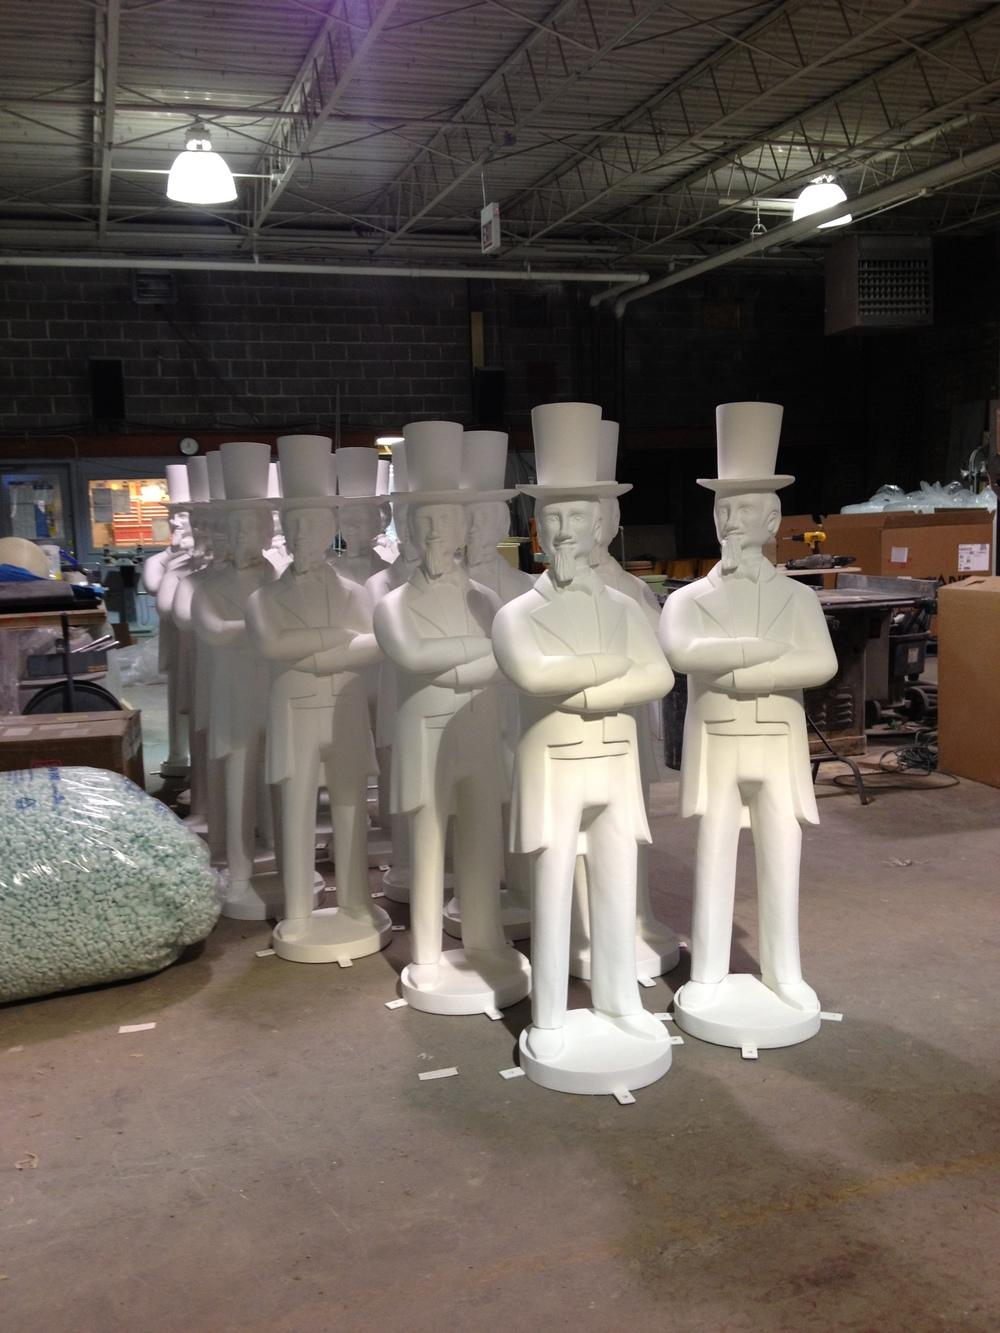 Fiberglass Uncle Sam Statues